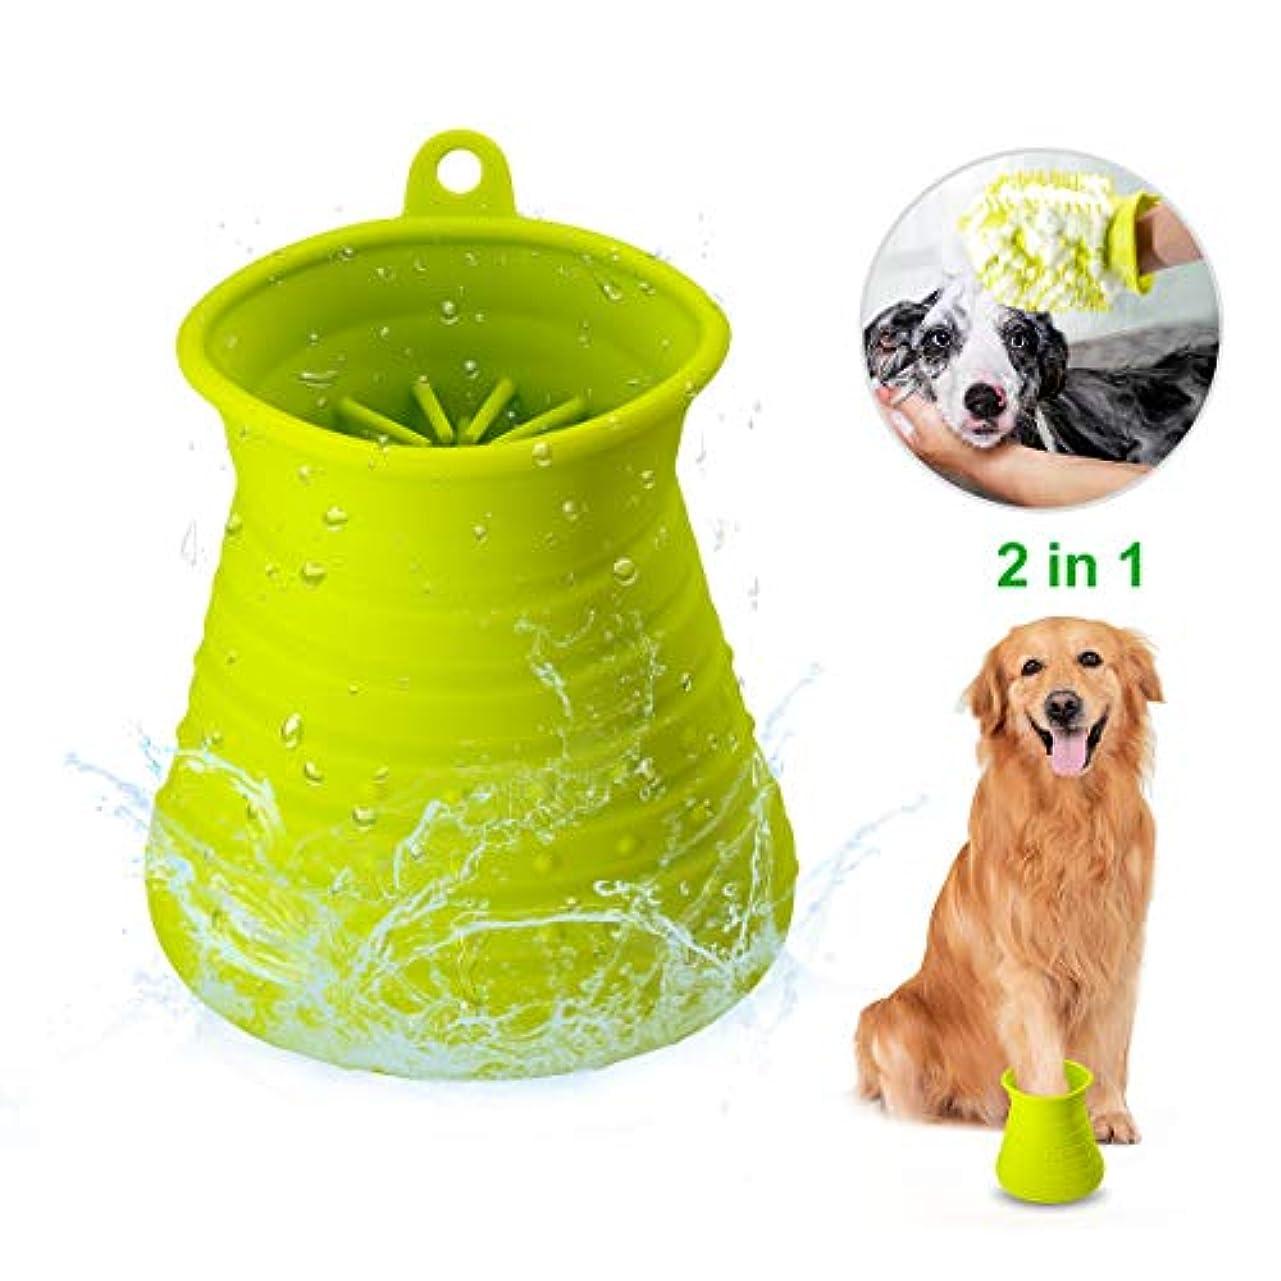 名前ナイロン運命犬 足洗いカップ SPAZEL ペット 足 クリーナー シリコーン製 使いやすい 洗浄力抜群 柔軟 マッサージ効果 携帯便利 小型中型 犬 猫 最適